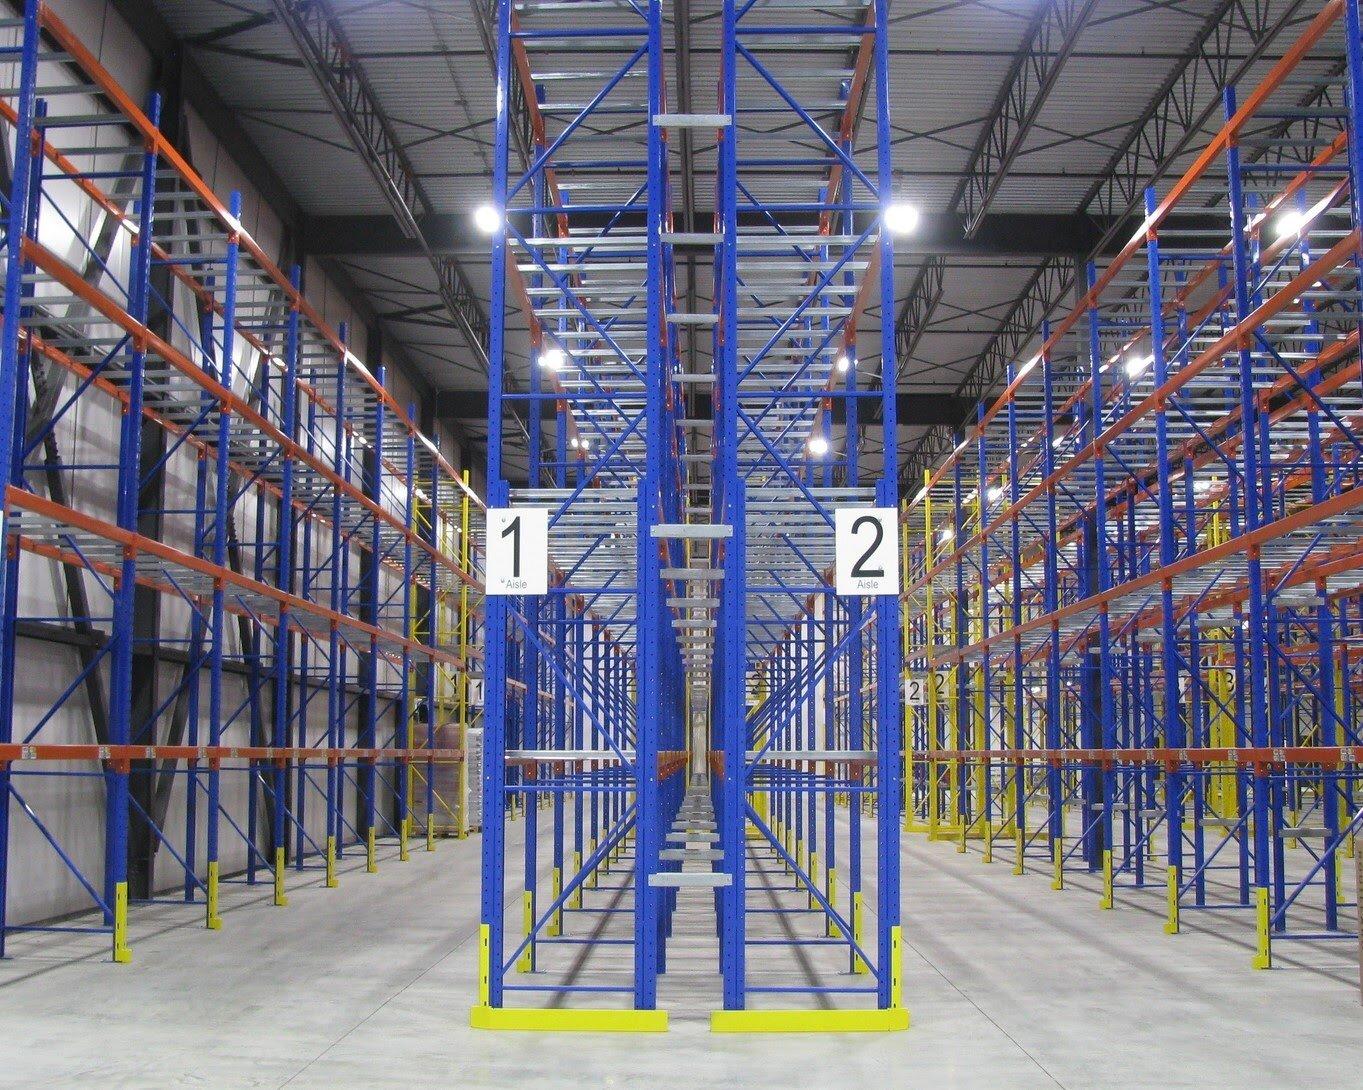 storage-racking-industrial-metal-color-symmetry-1598891-pxhere.com.jpg